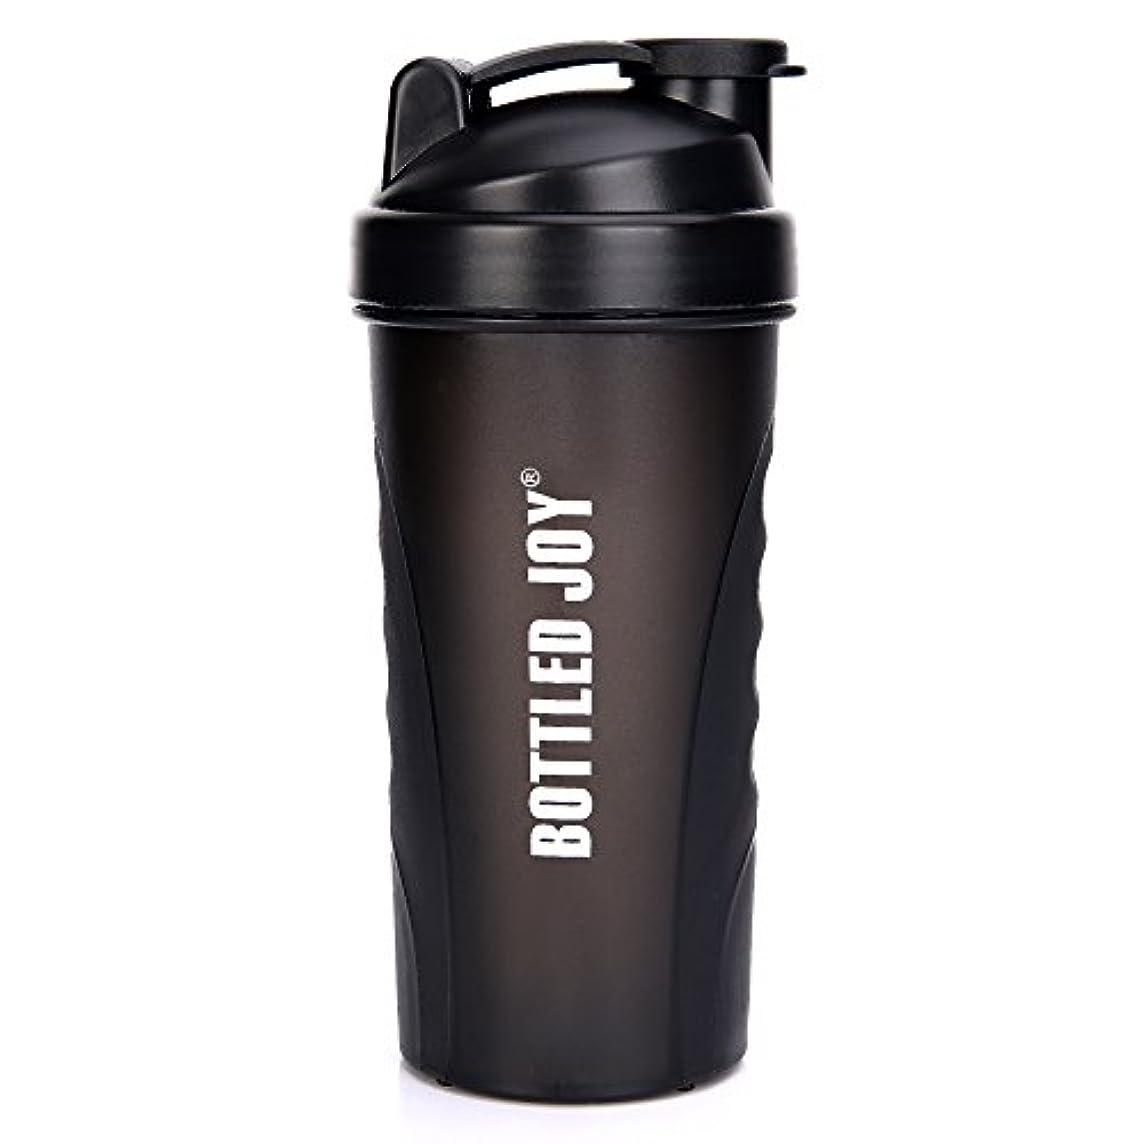 熟考するラッシュ早くBOTTLED JOY プロテインシェイカーボトル グリップ 漏れ防止 スポーツミキサー スポーツ 栄養サプリメント ミックスシェイクボトル すべり止め 27オンス 800ml ブラック